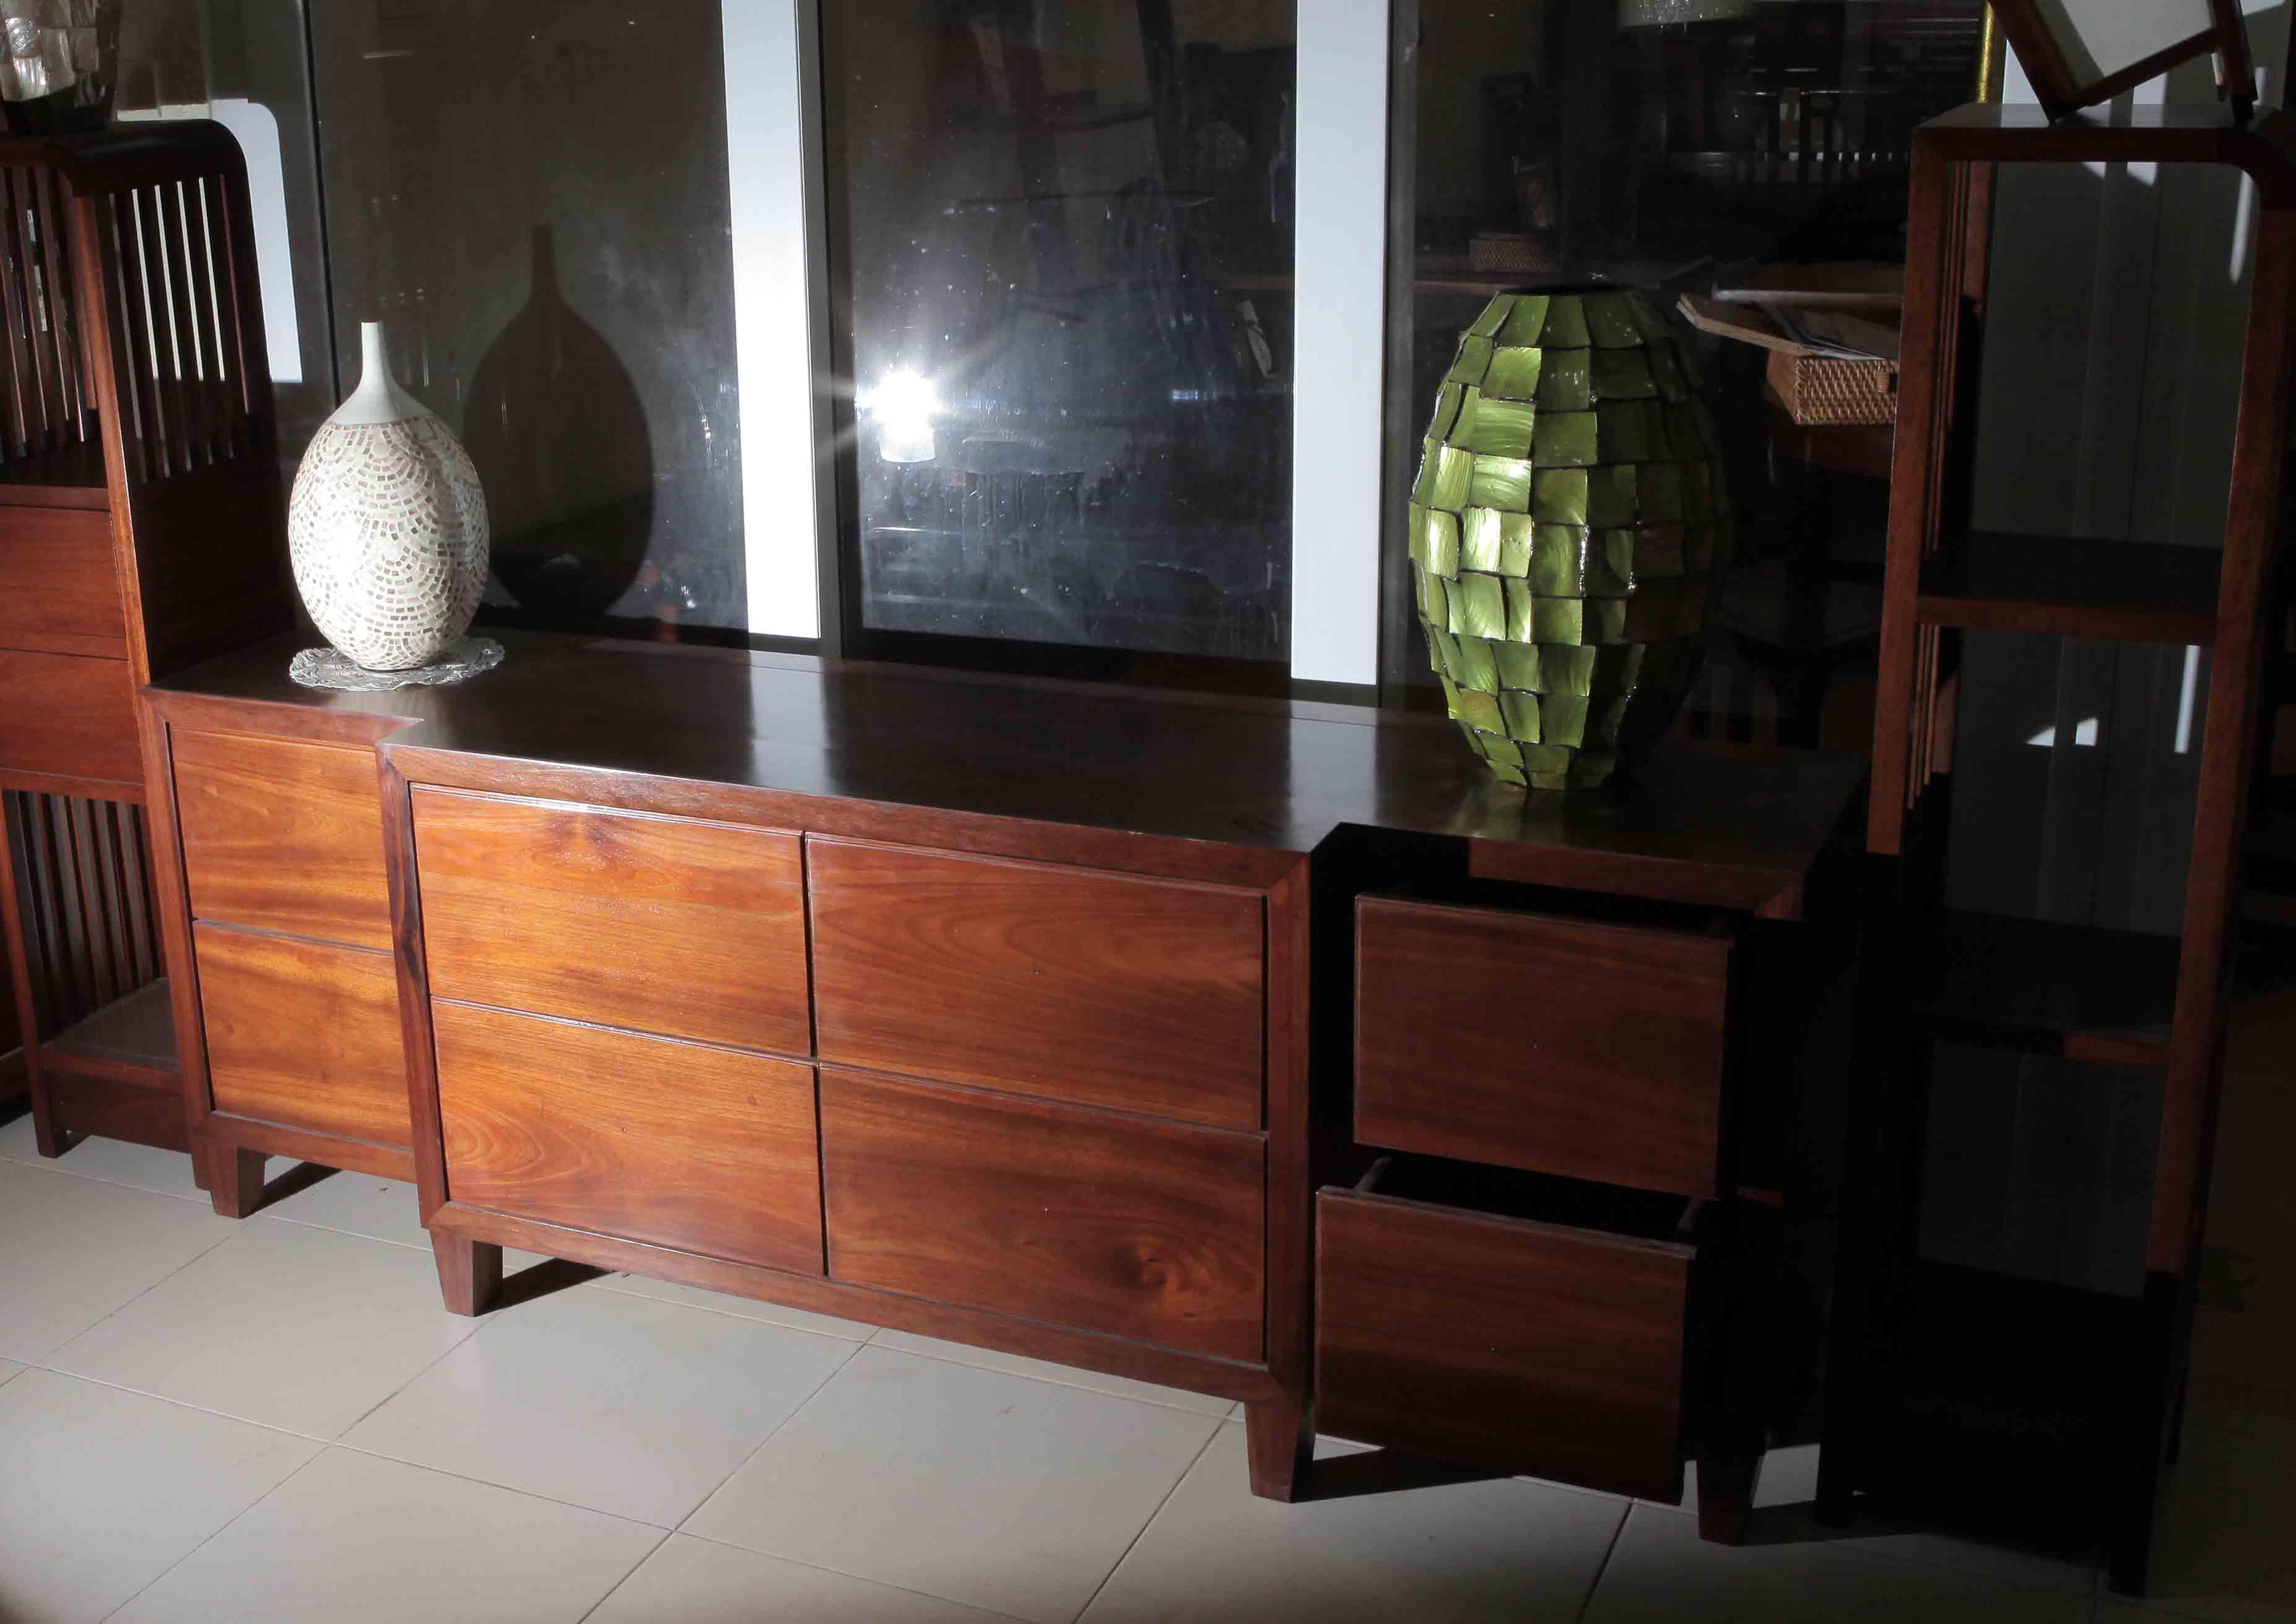 kệ tivi gỗ đẹp phong cách hiện đại, grand bois